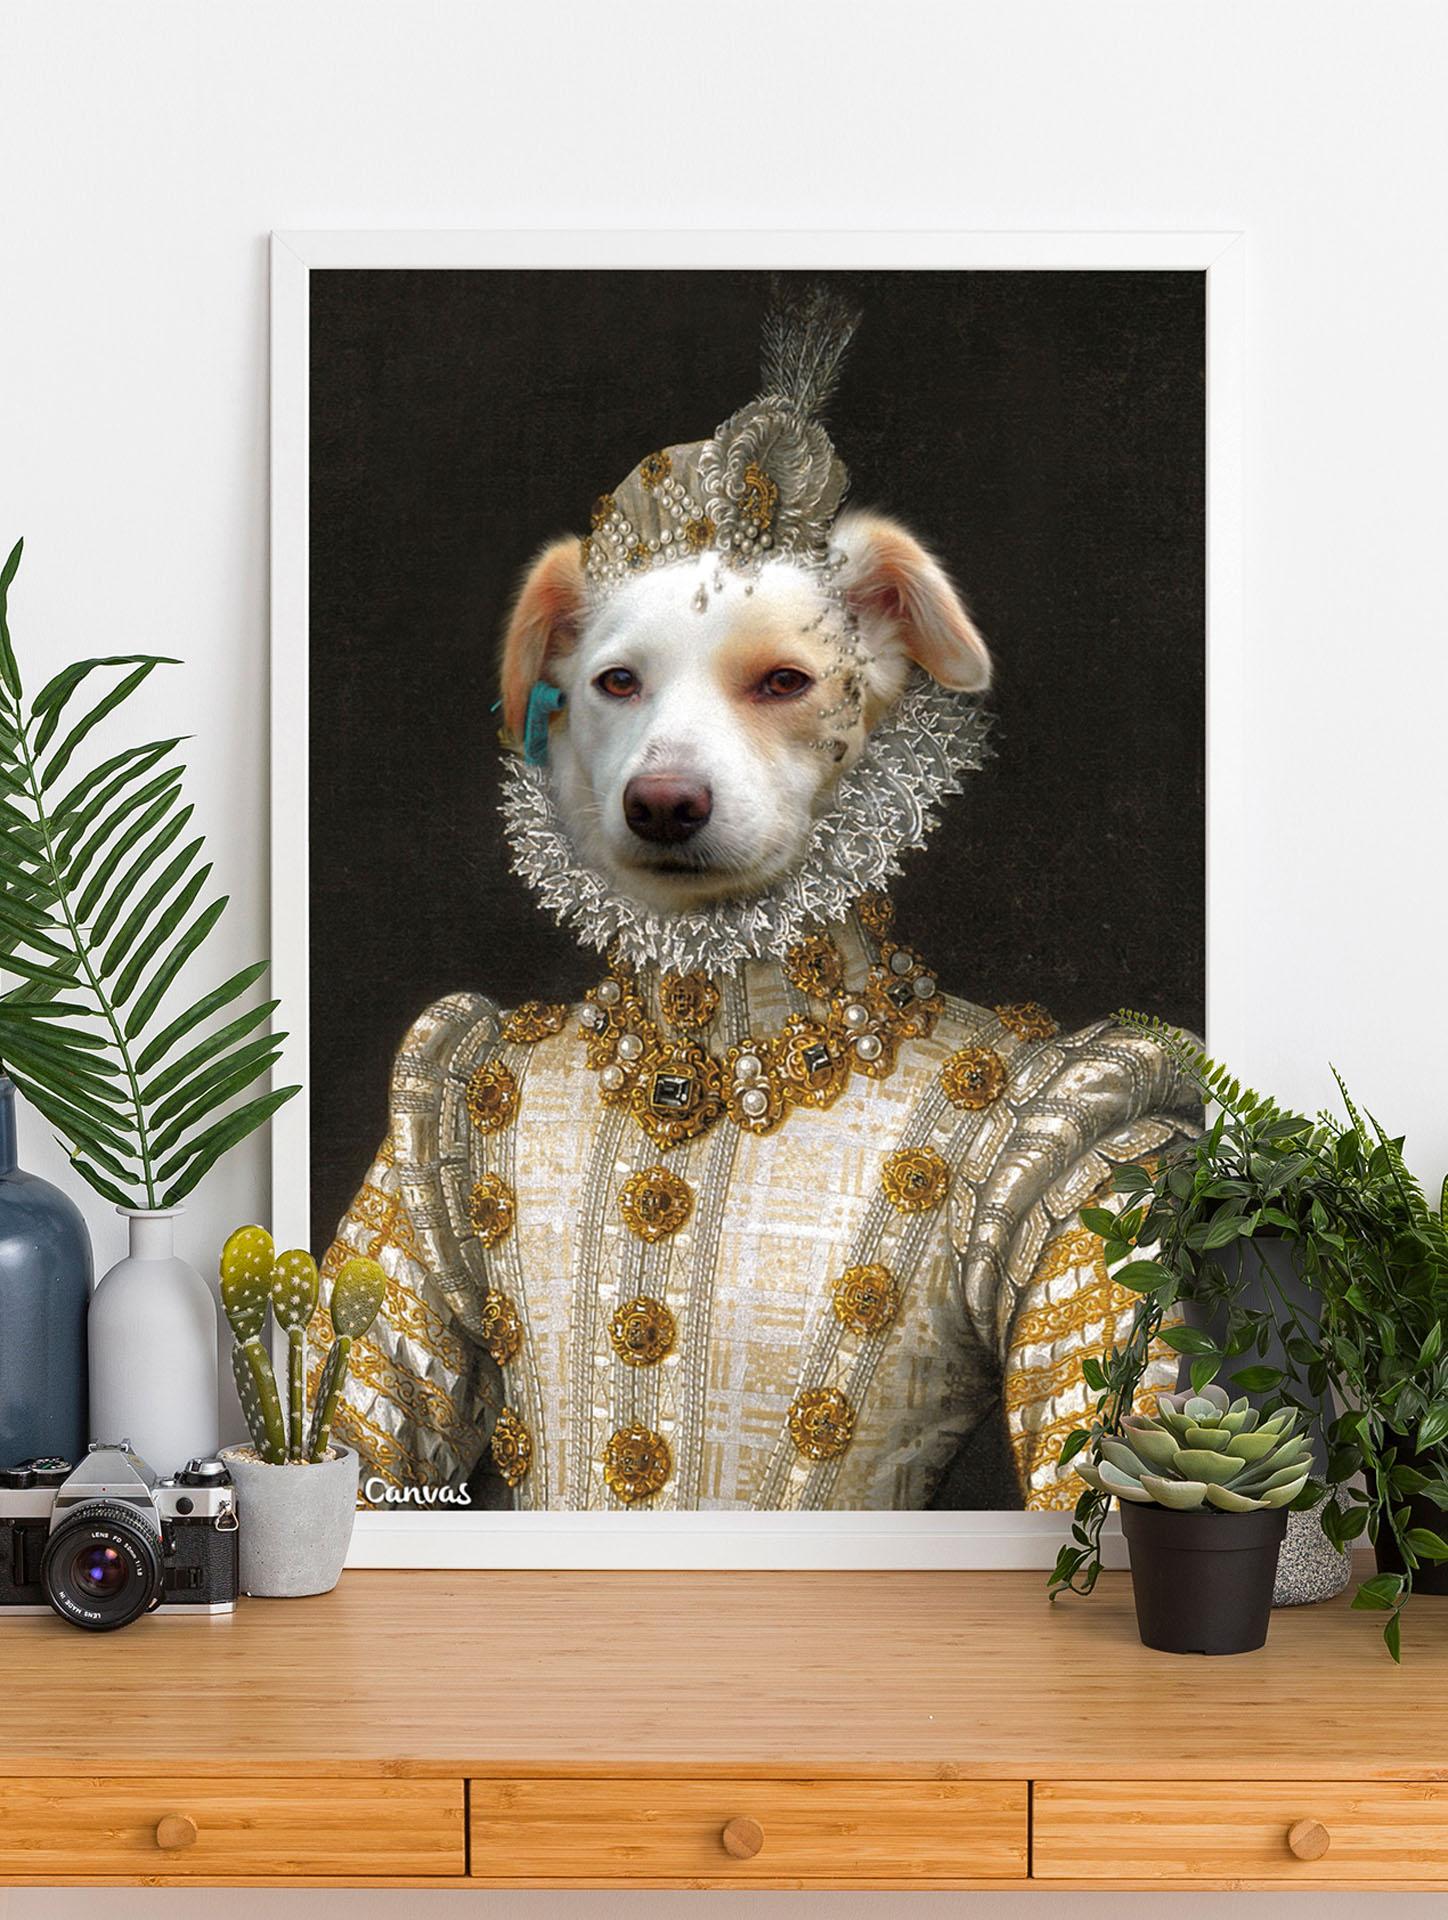 kraliçe köpek portresi